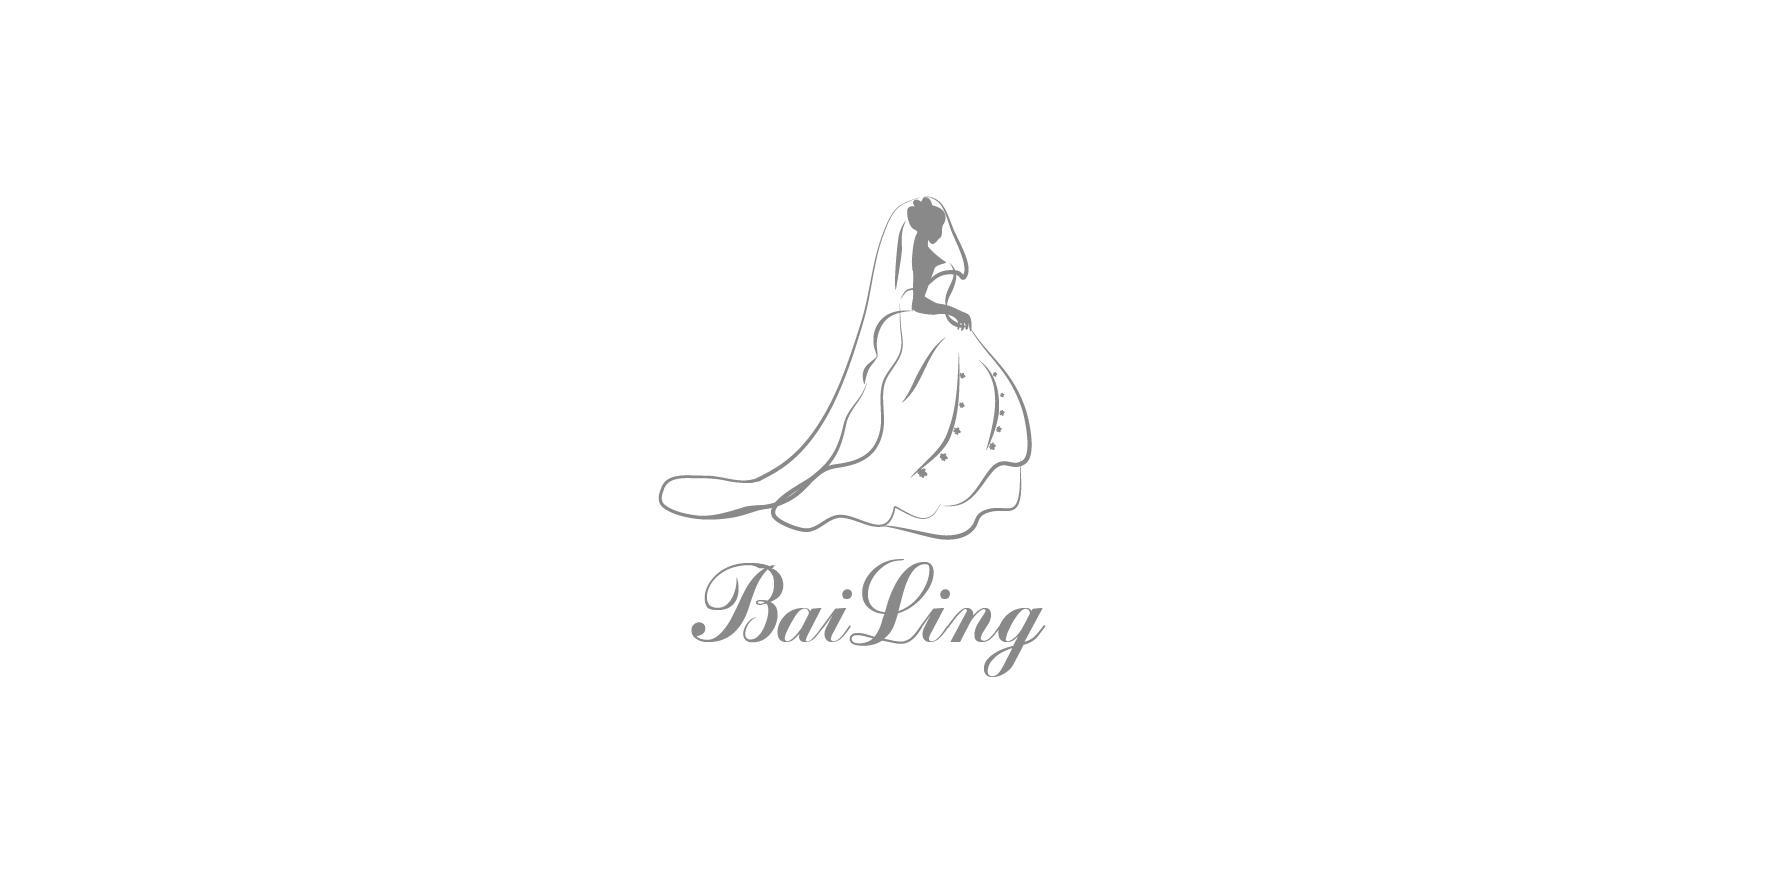 婚纱logo图片_图标设计